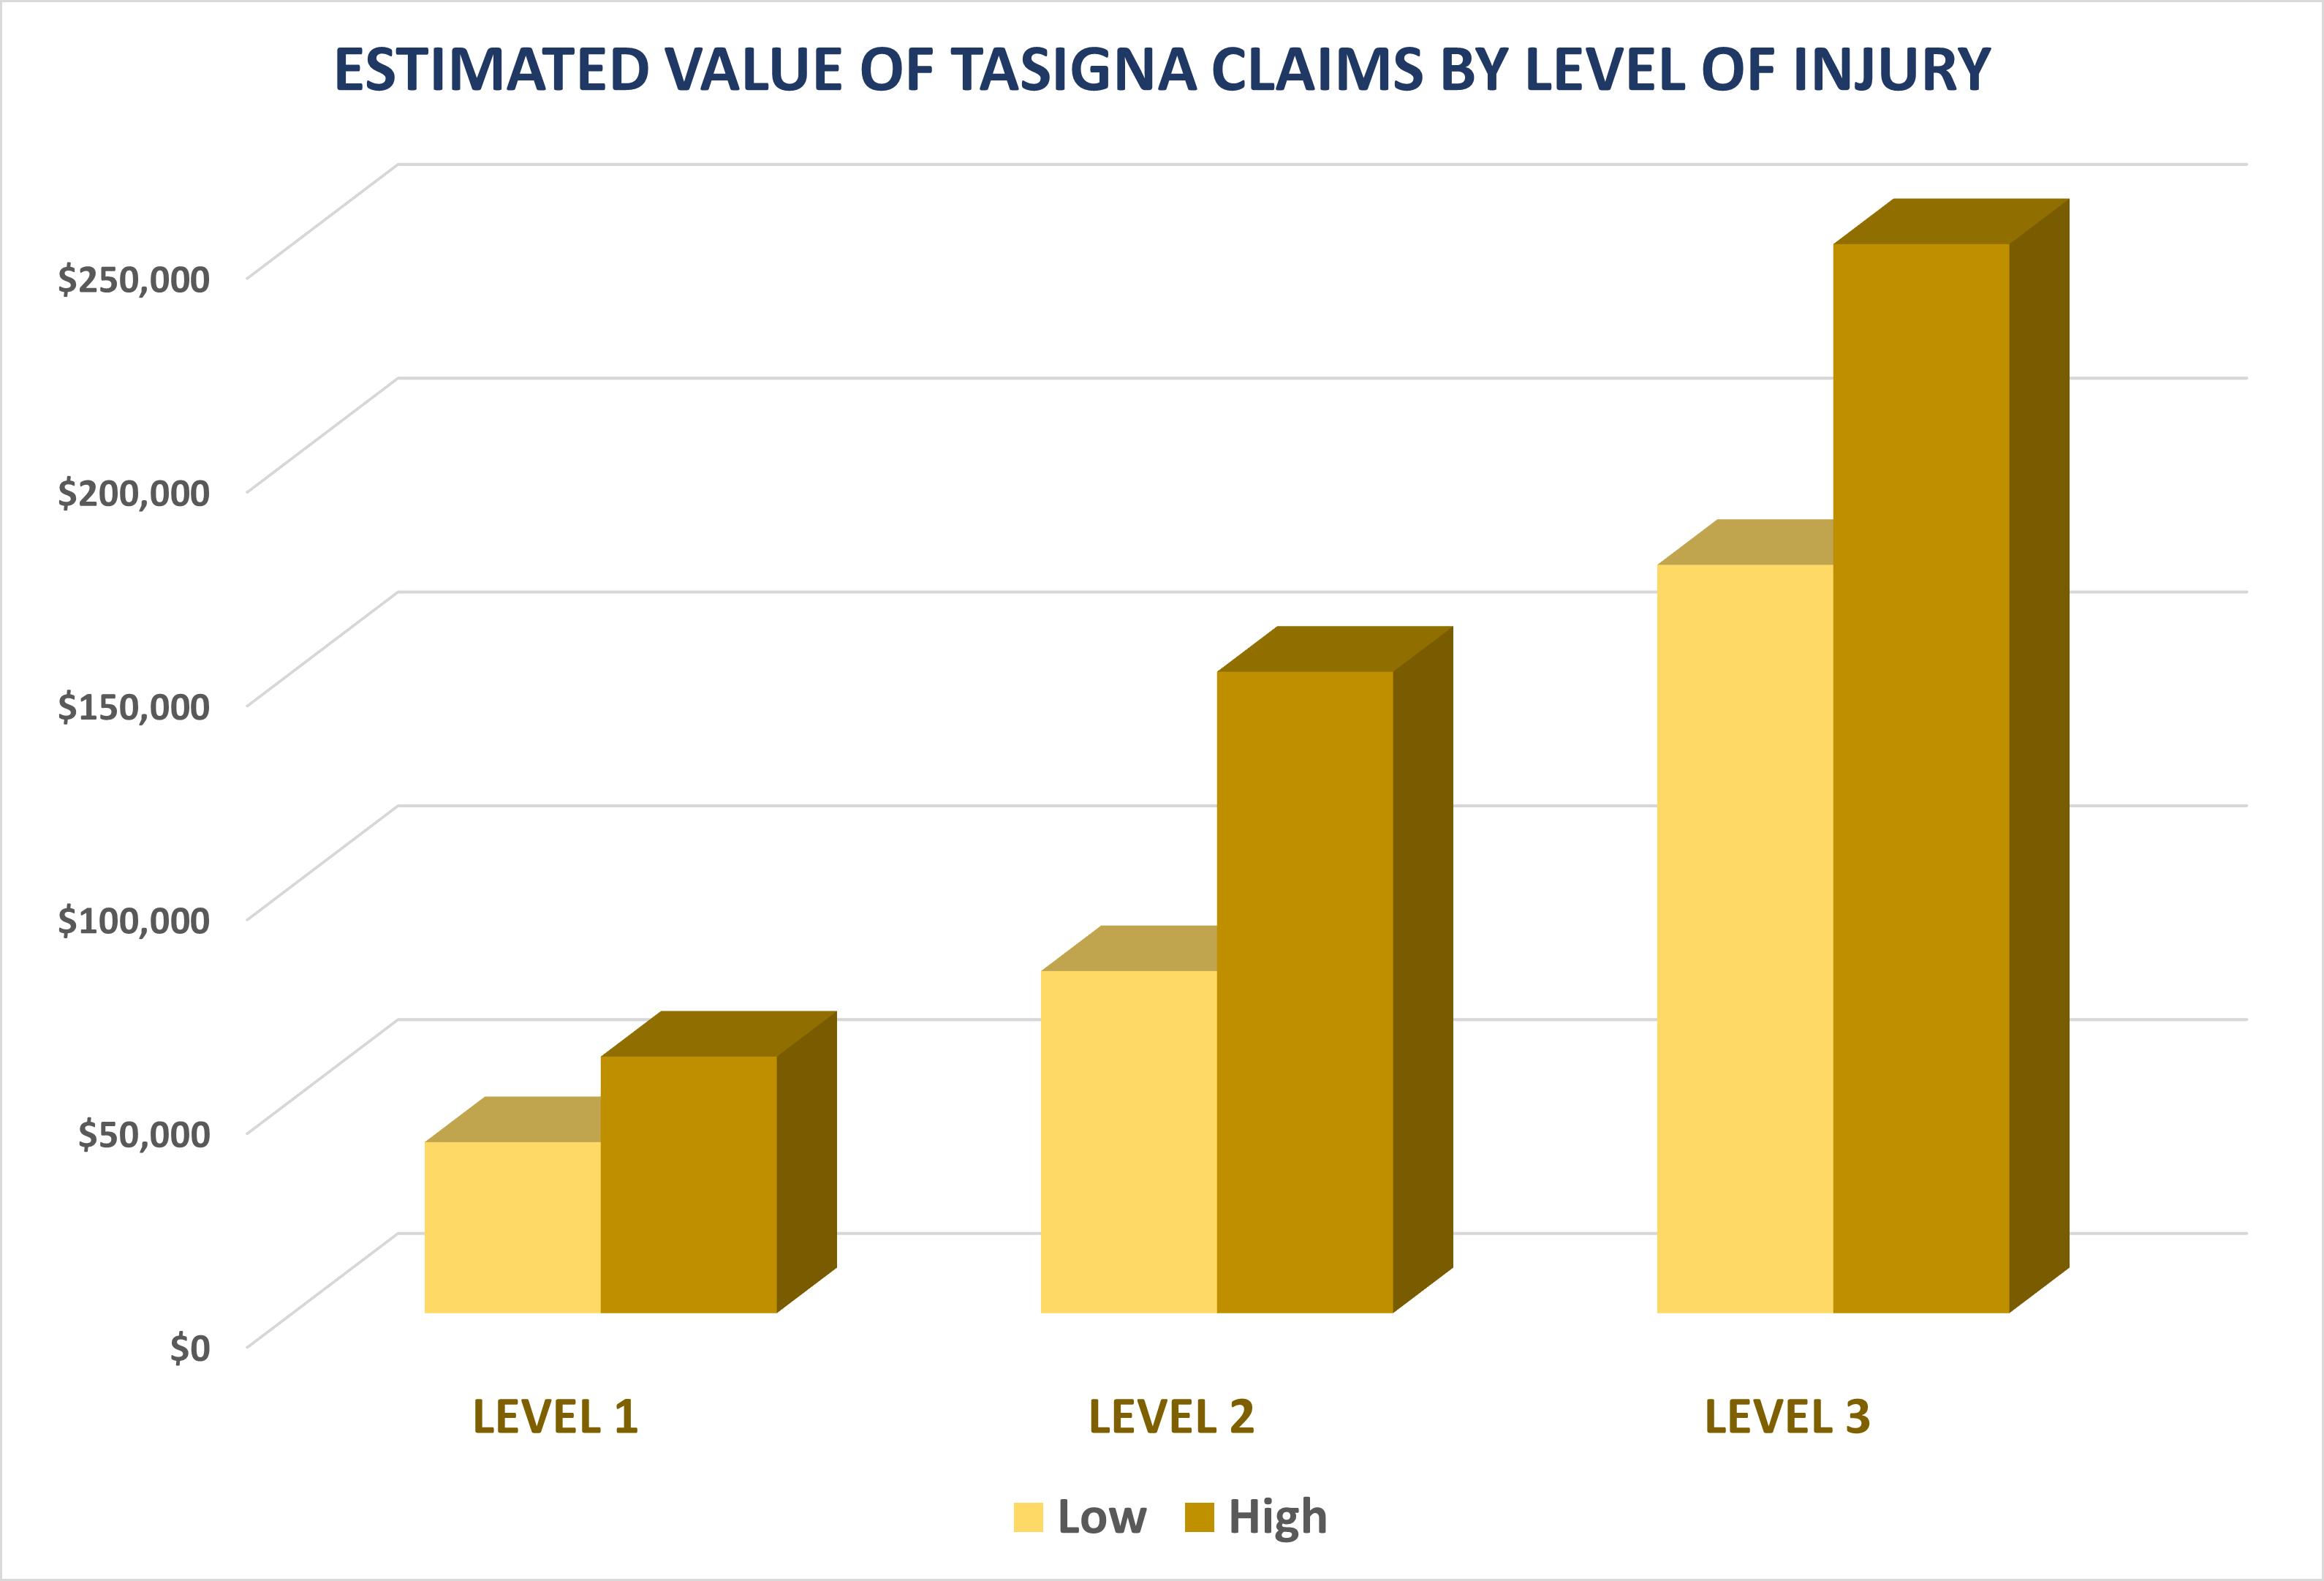 Value of Tasigna Lawsuits